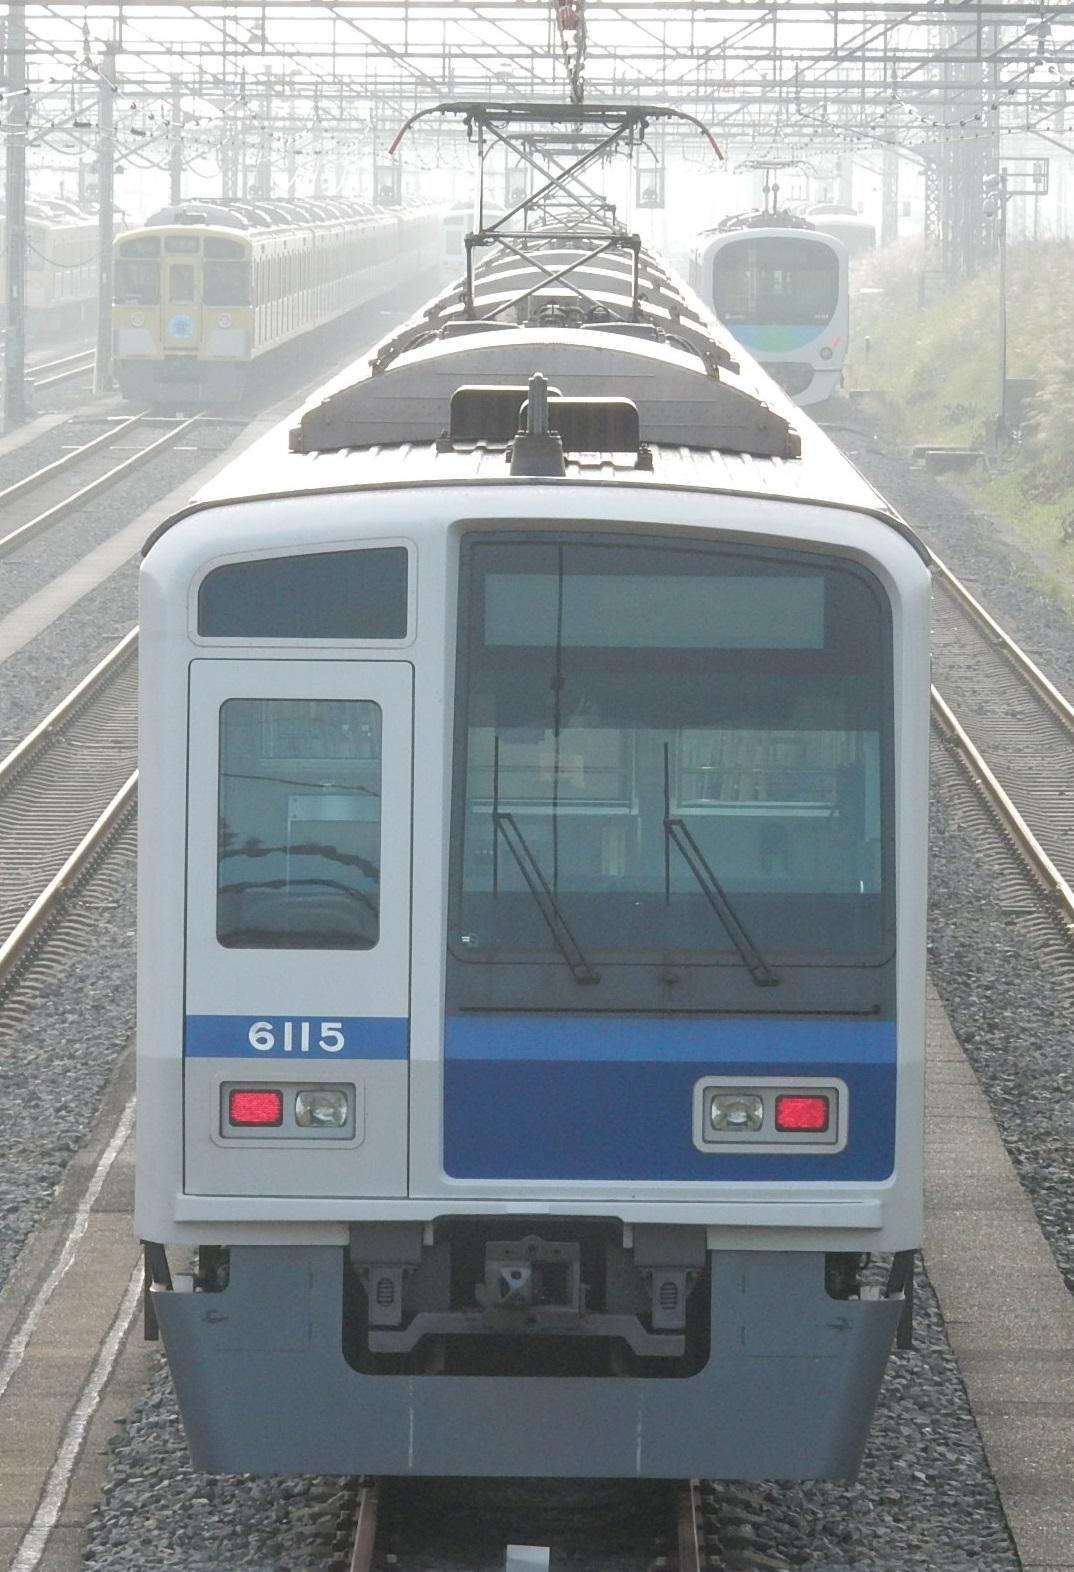 DSCN5921.jpg